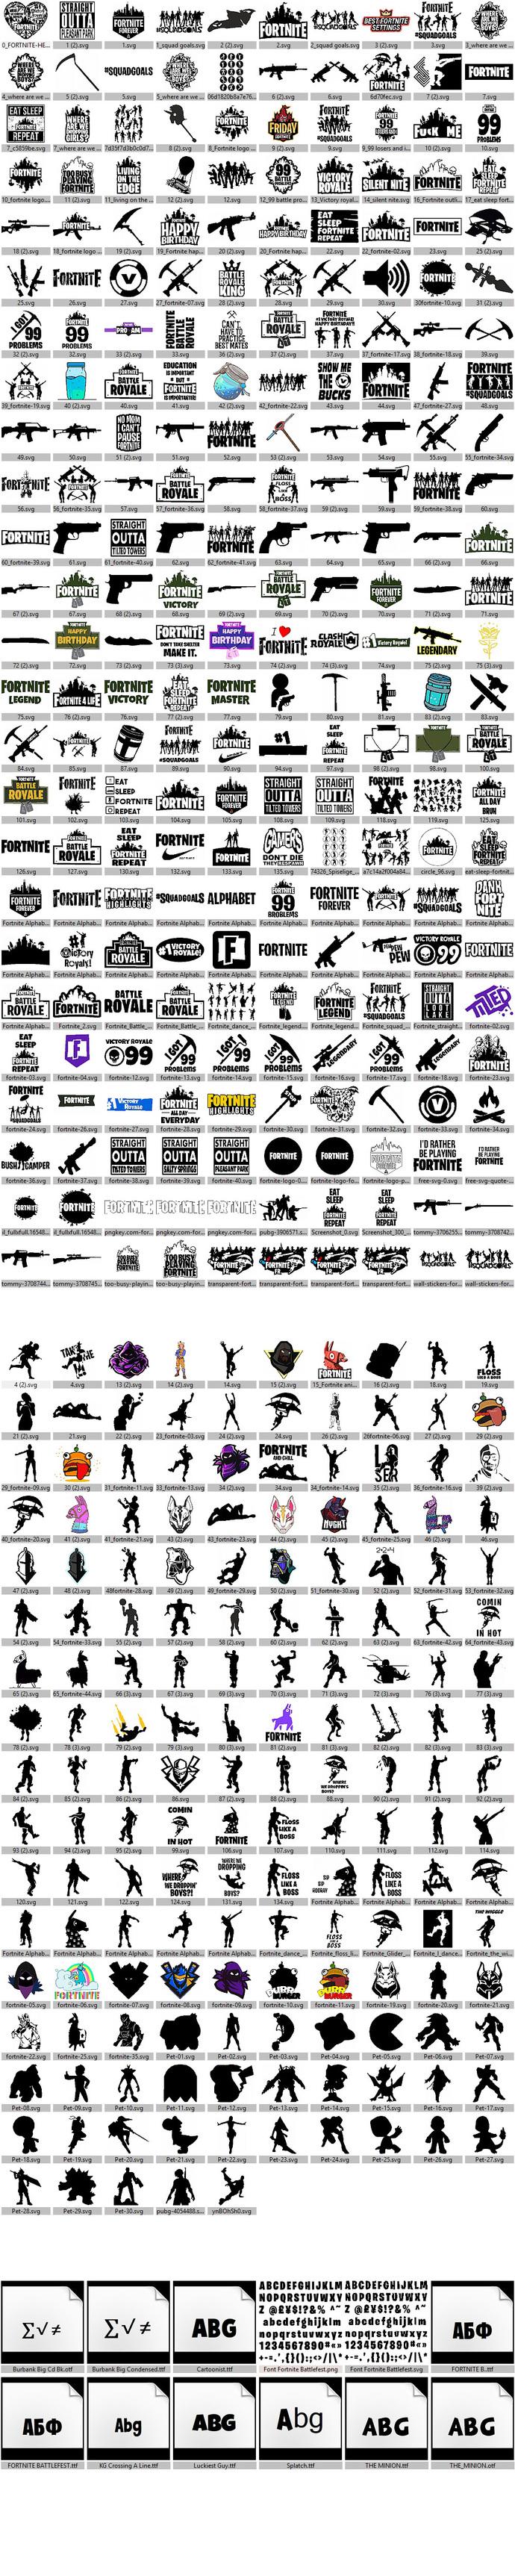 Fortnite SVG, Battle Royale SVG, Fortnite Font SVG, Fortnite Bundle SVG,